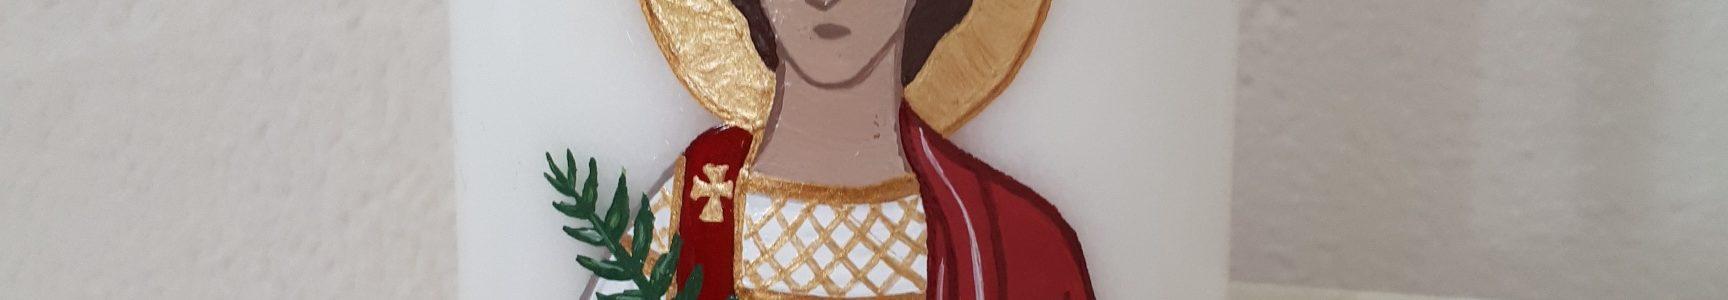 Saint Baudoin de Laon